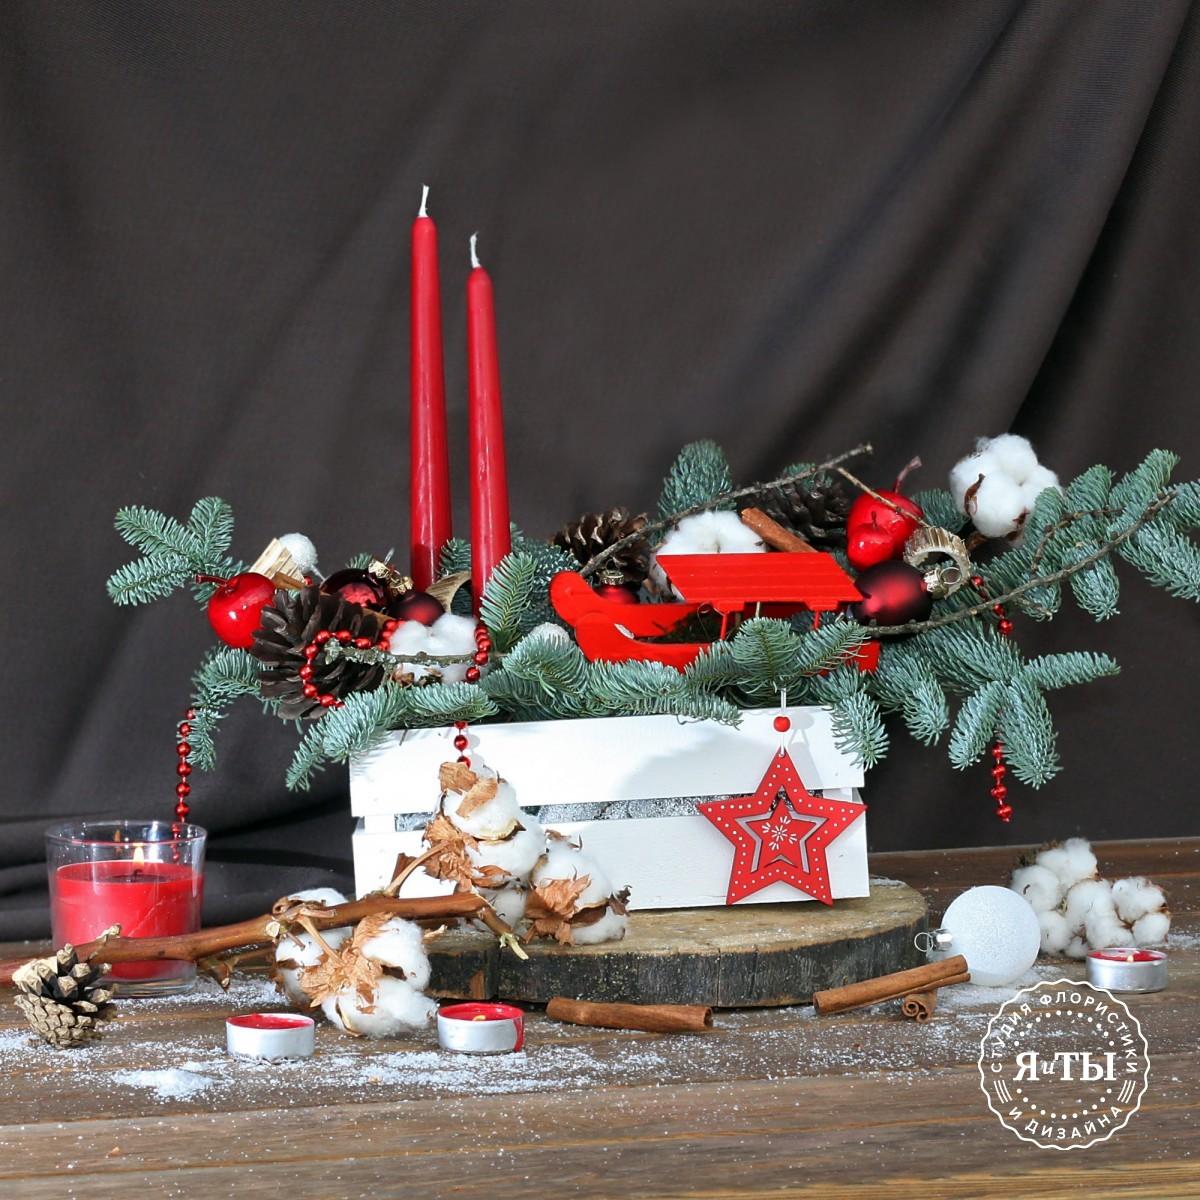 Красно-белая композиция со свечами